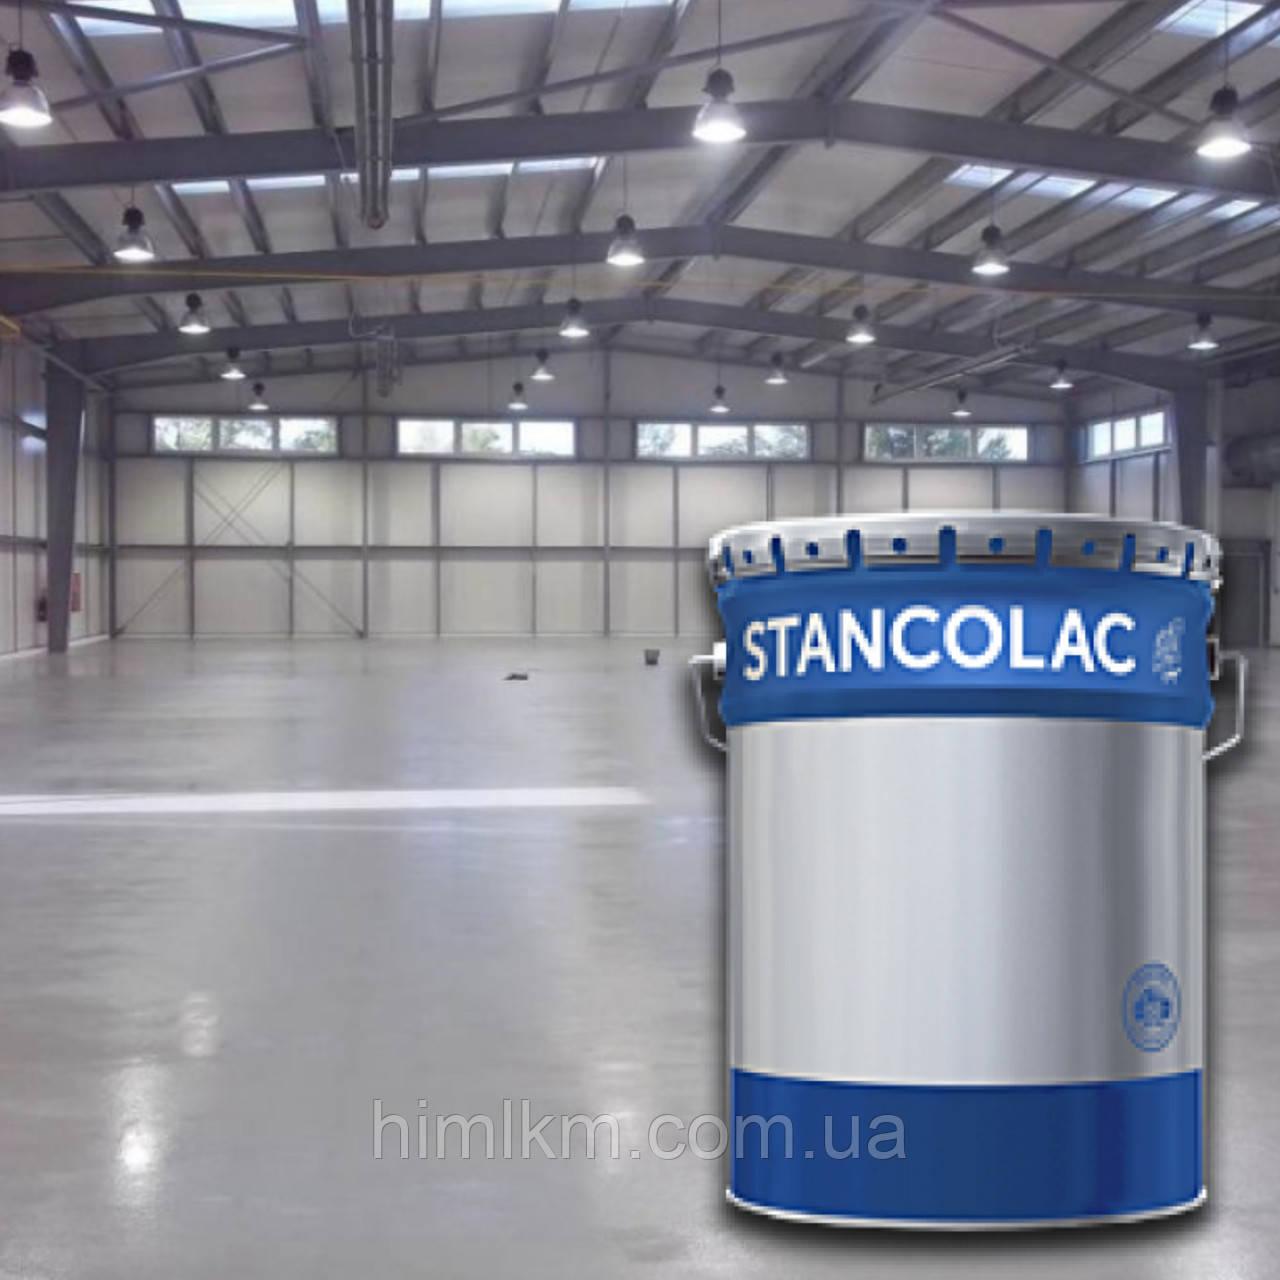 Краска для бетонных полов полиуретановая высокопрочная, износостойкая Станколак 5900